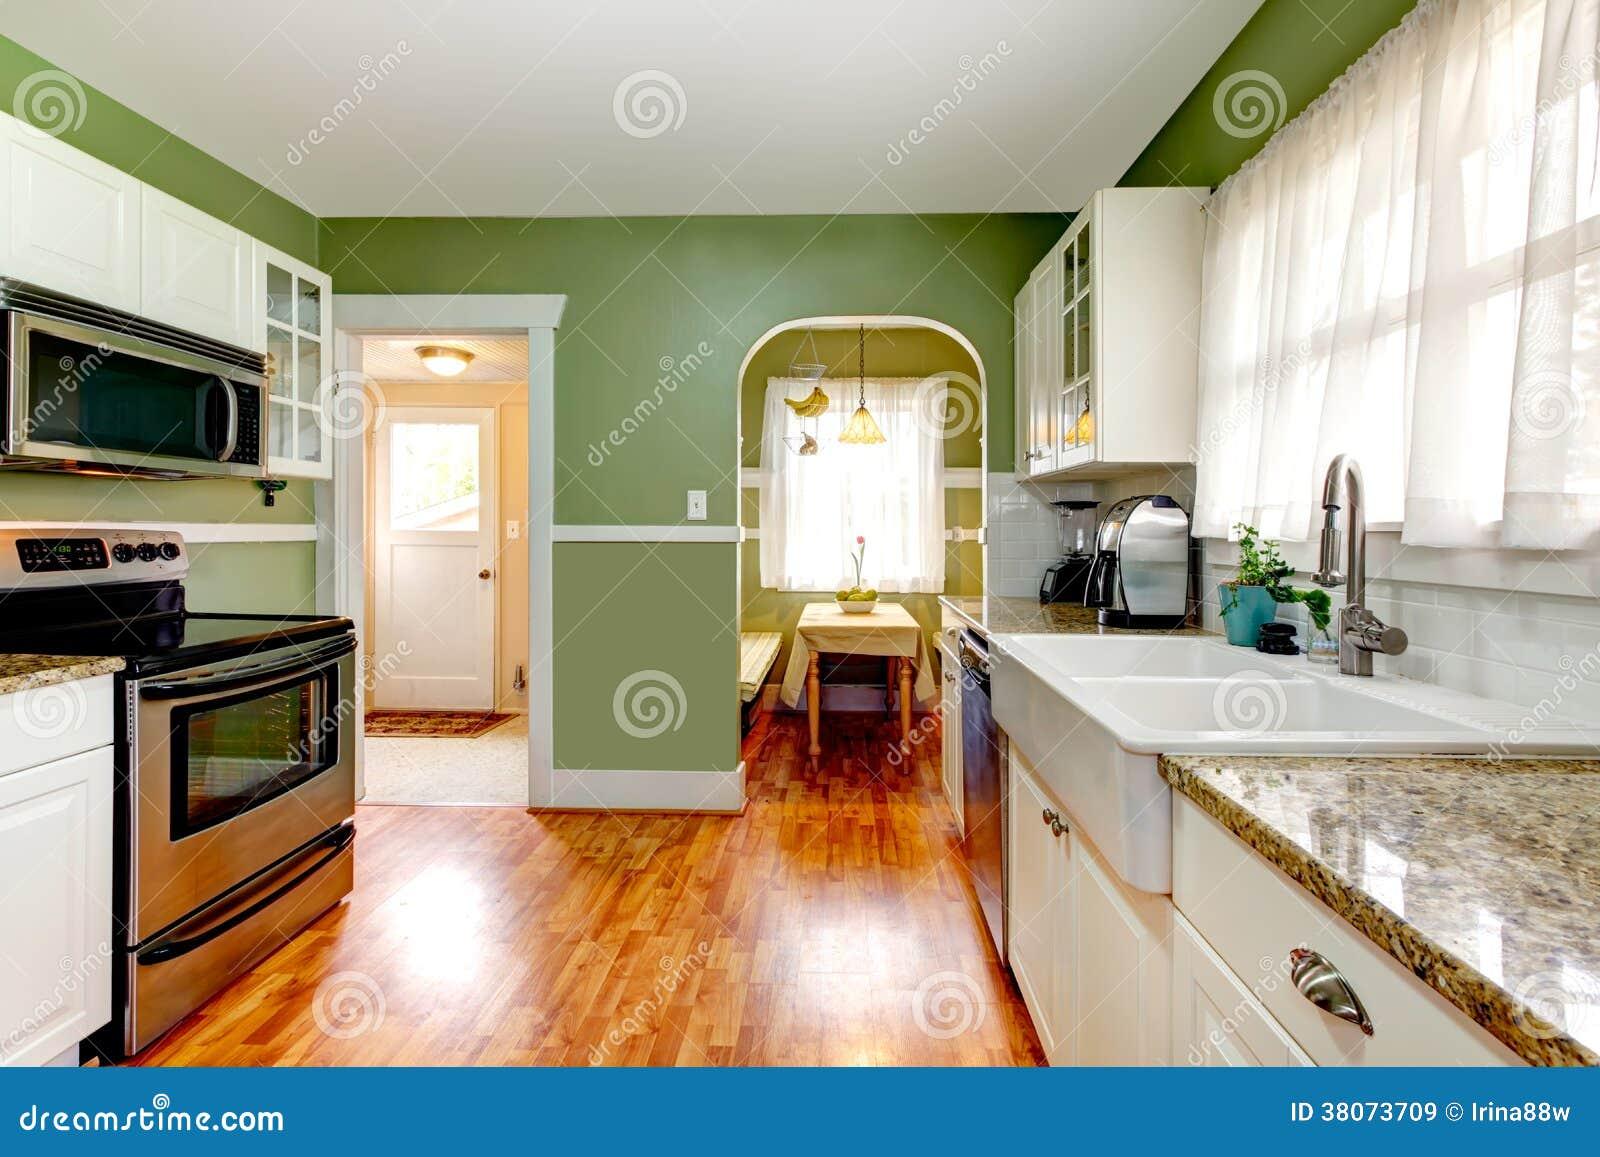 Pareti Della Cucina Verdi : Stanza verde della cucina con area pranzante immagine stock